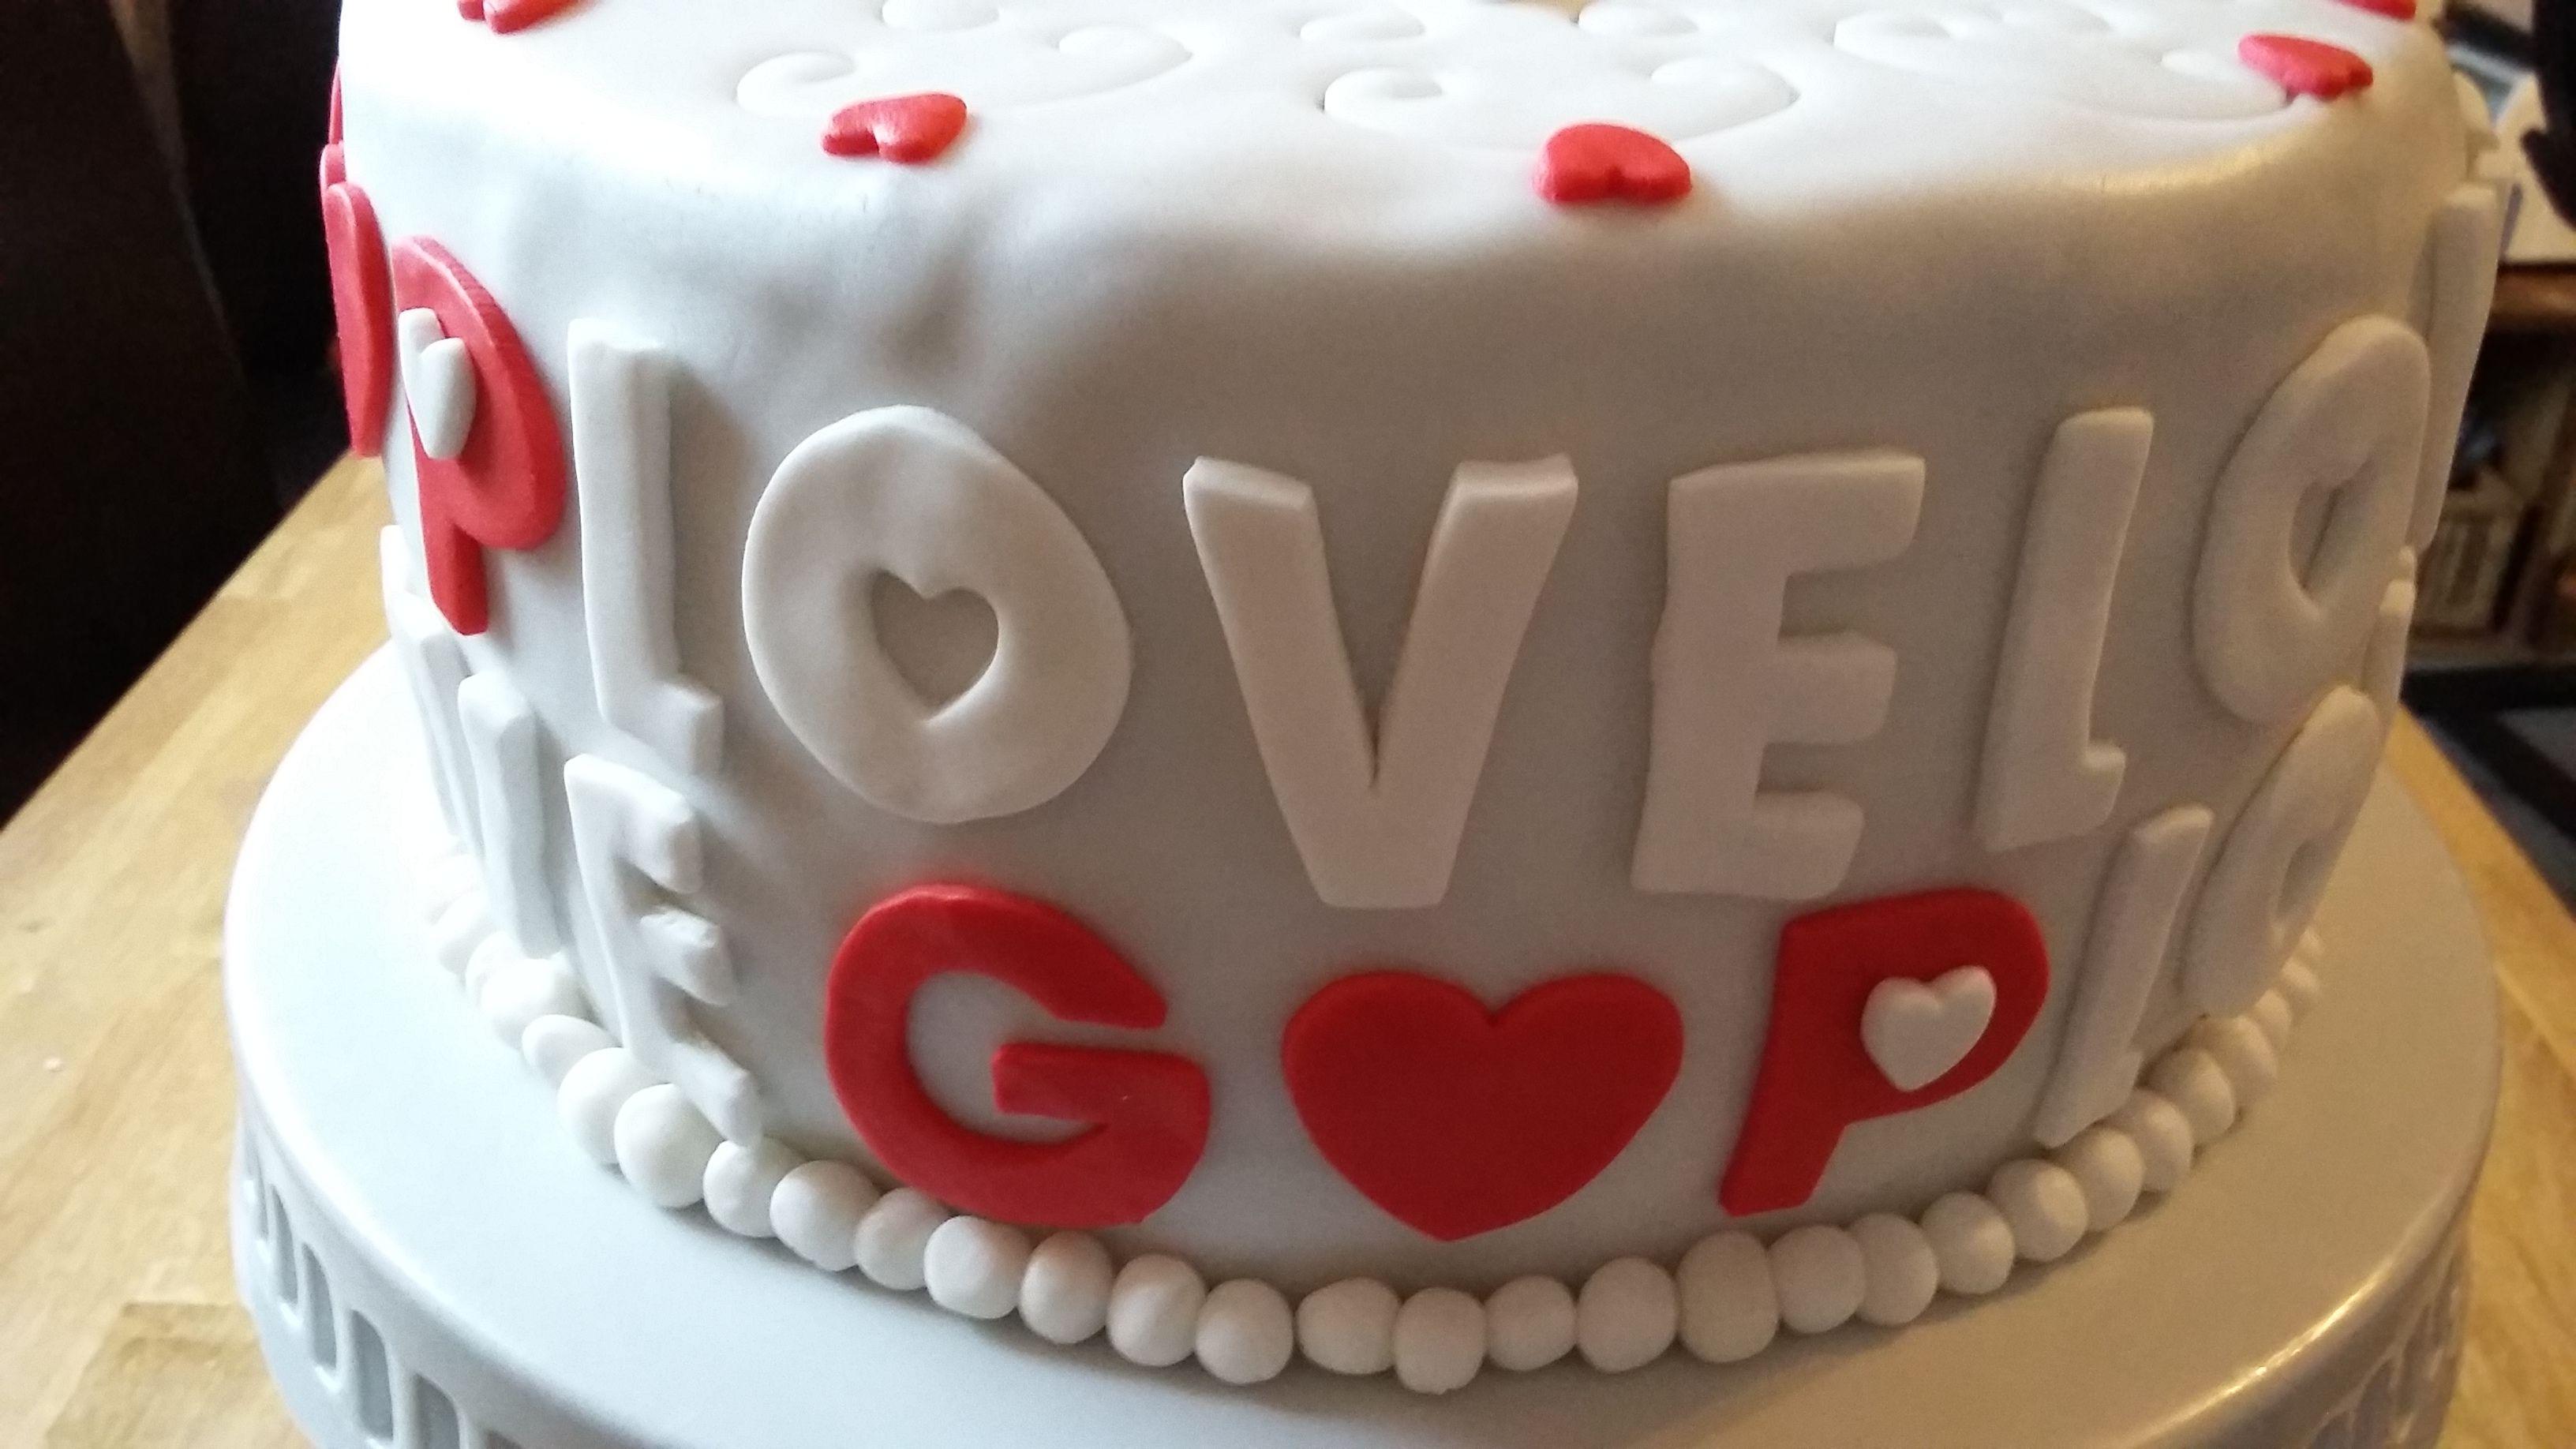 Love Motivtorte Cake Fondant Silberhochzeit Anniversary Motivtorte Torten Silberhochzeit